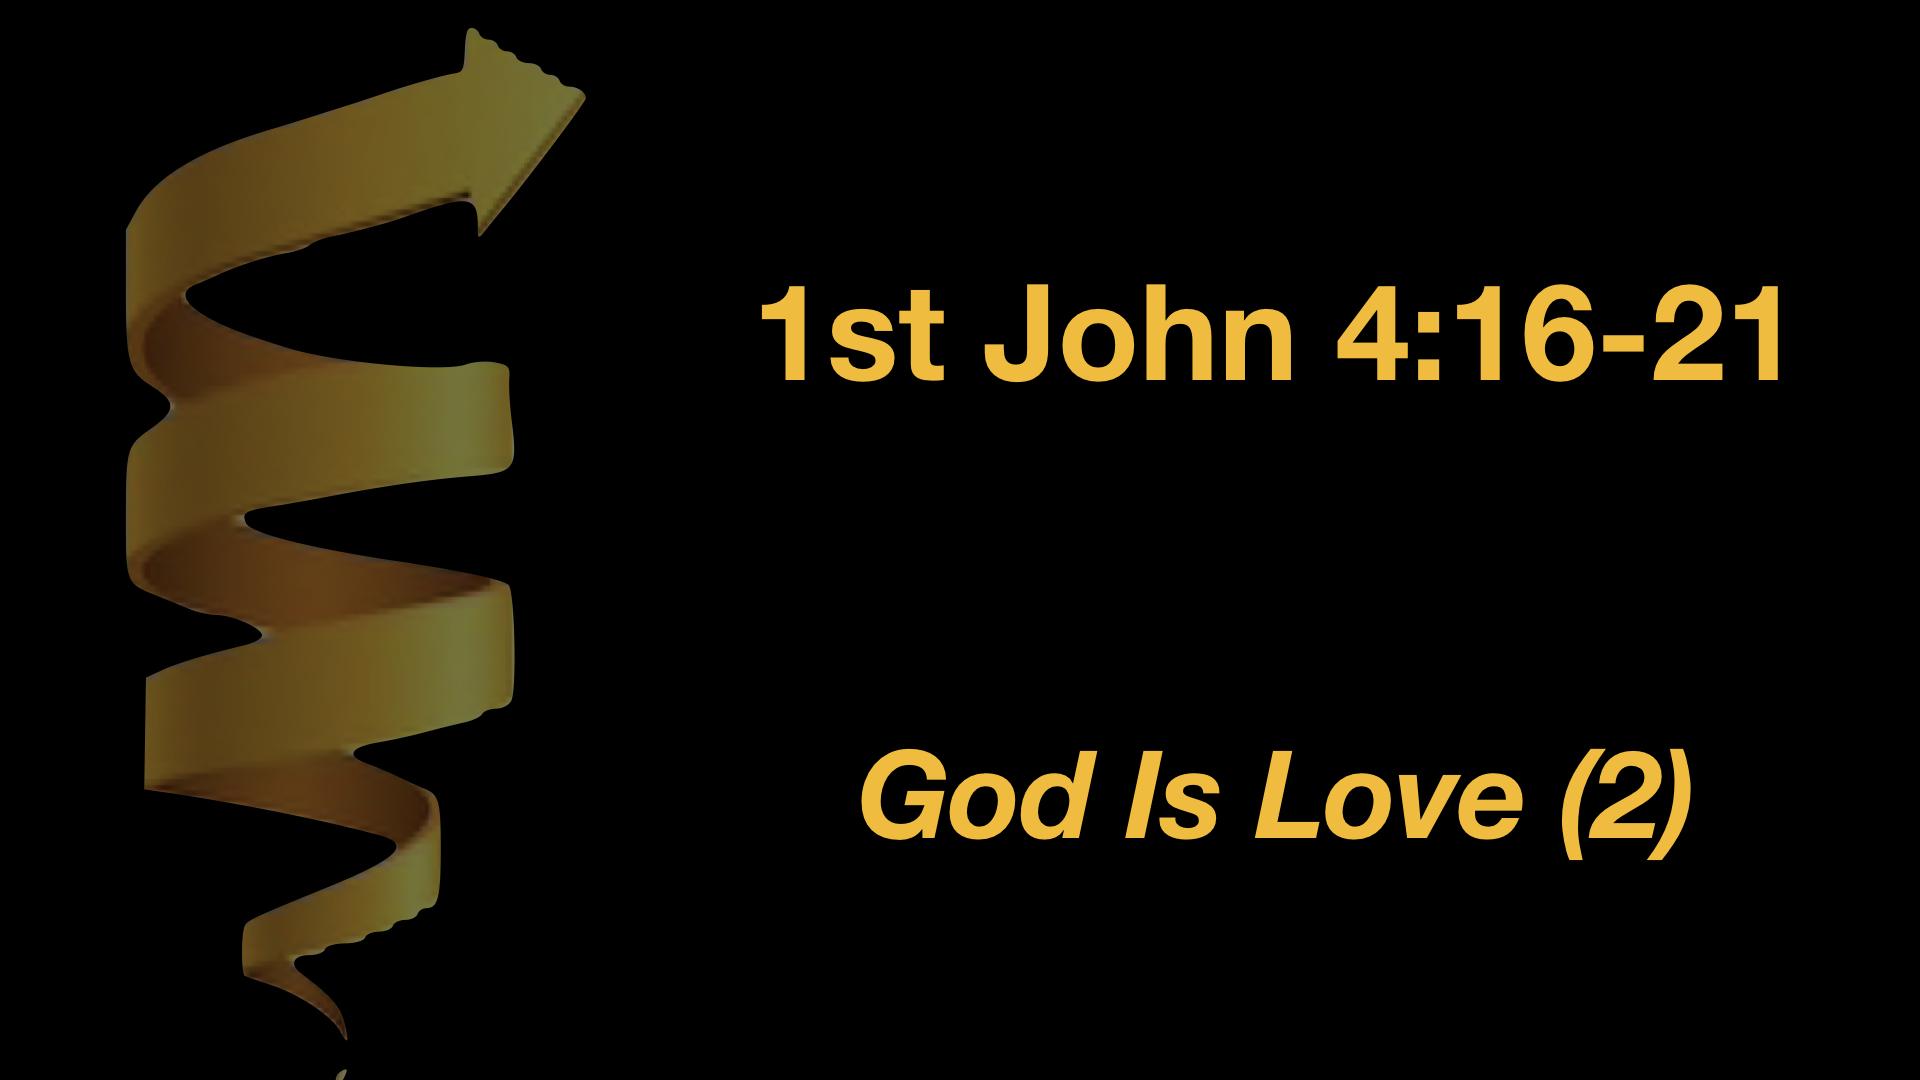 1st John 4-16-21 God Is Love (2) WIDE.001.jpeg